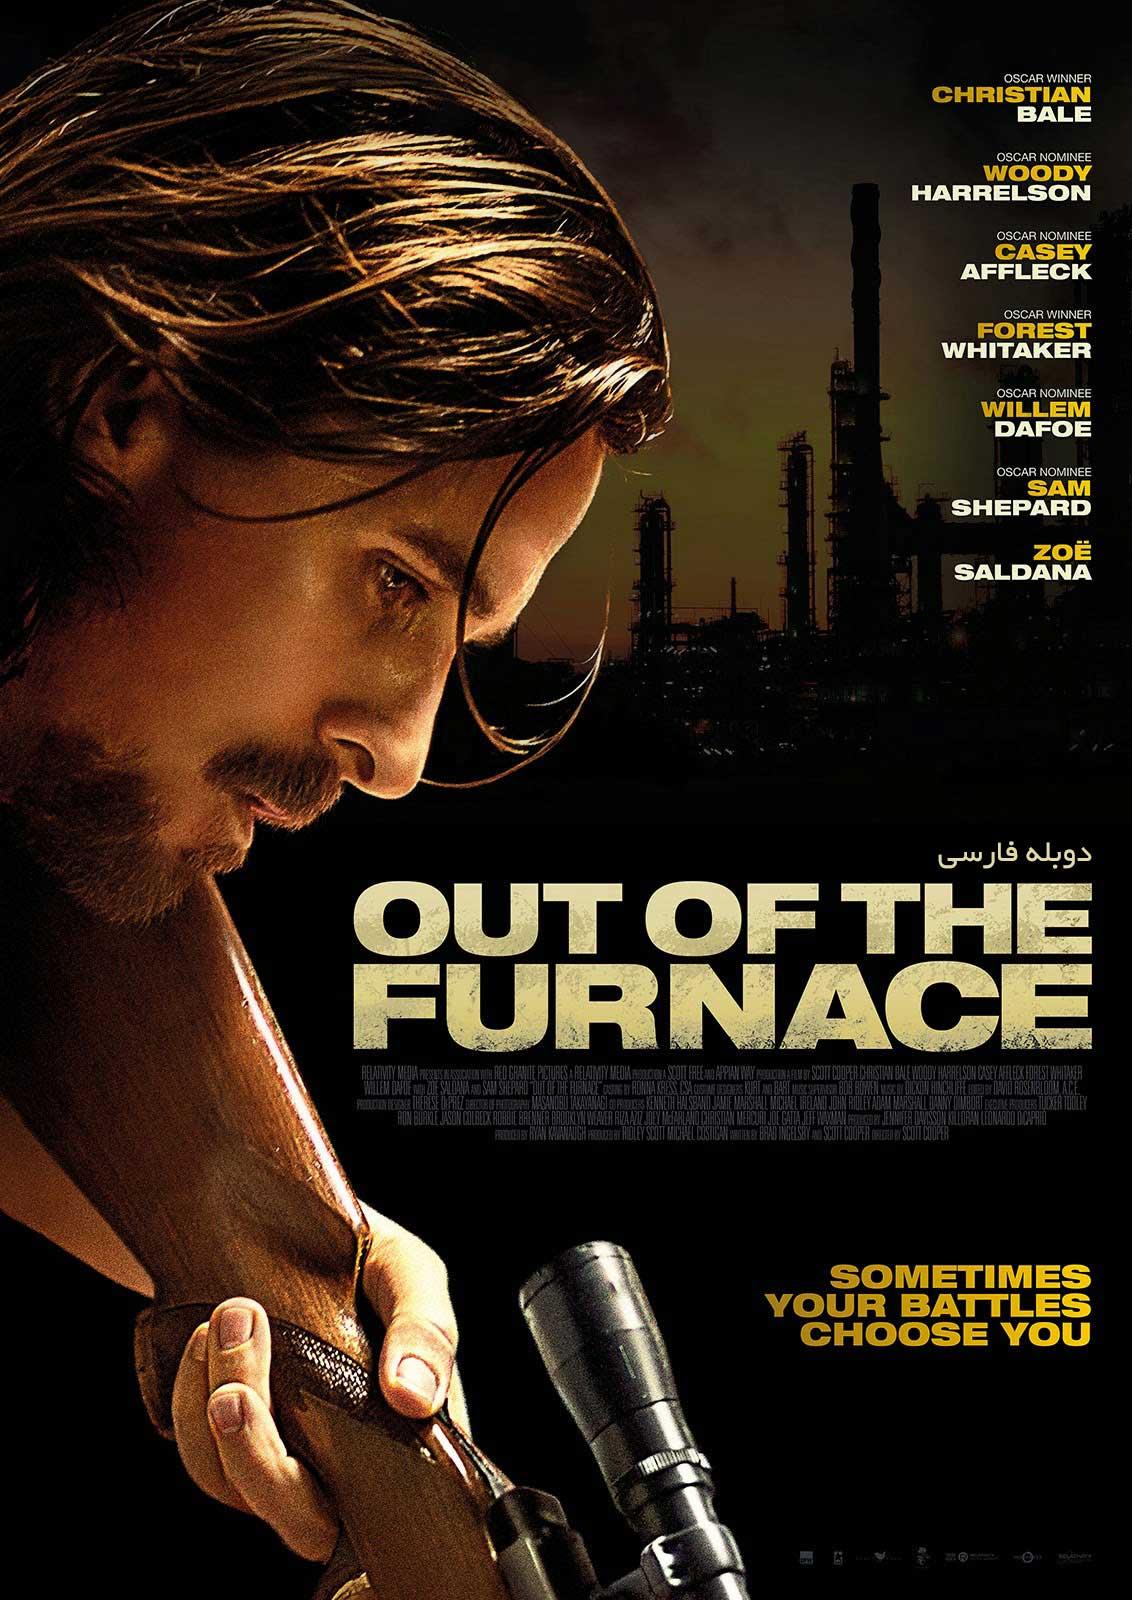 دانلود فیلم Out of the Furnace انتقام سخت - دانلود فیلم Out of the Furnace انتقام سخت